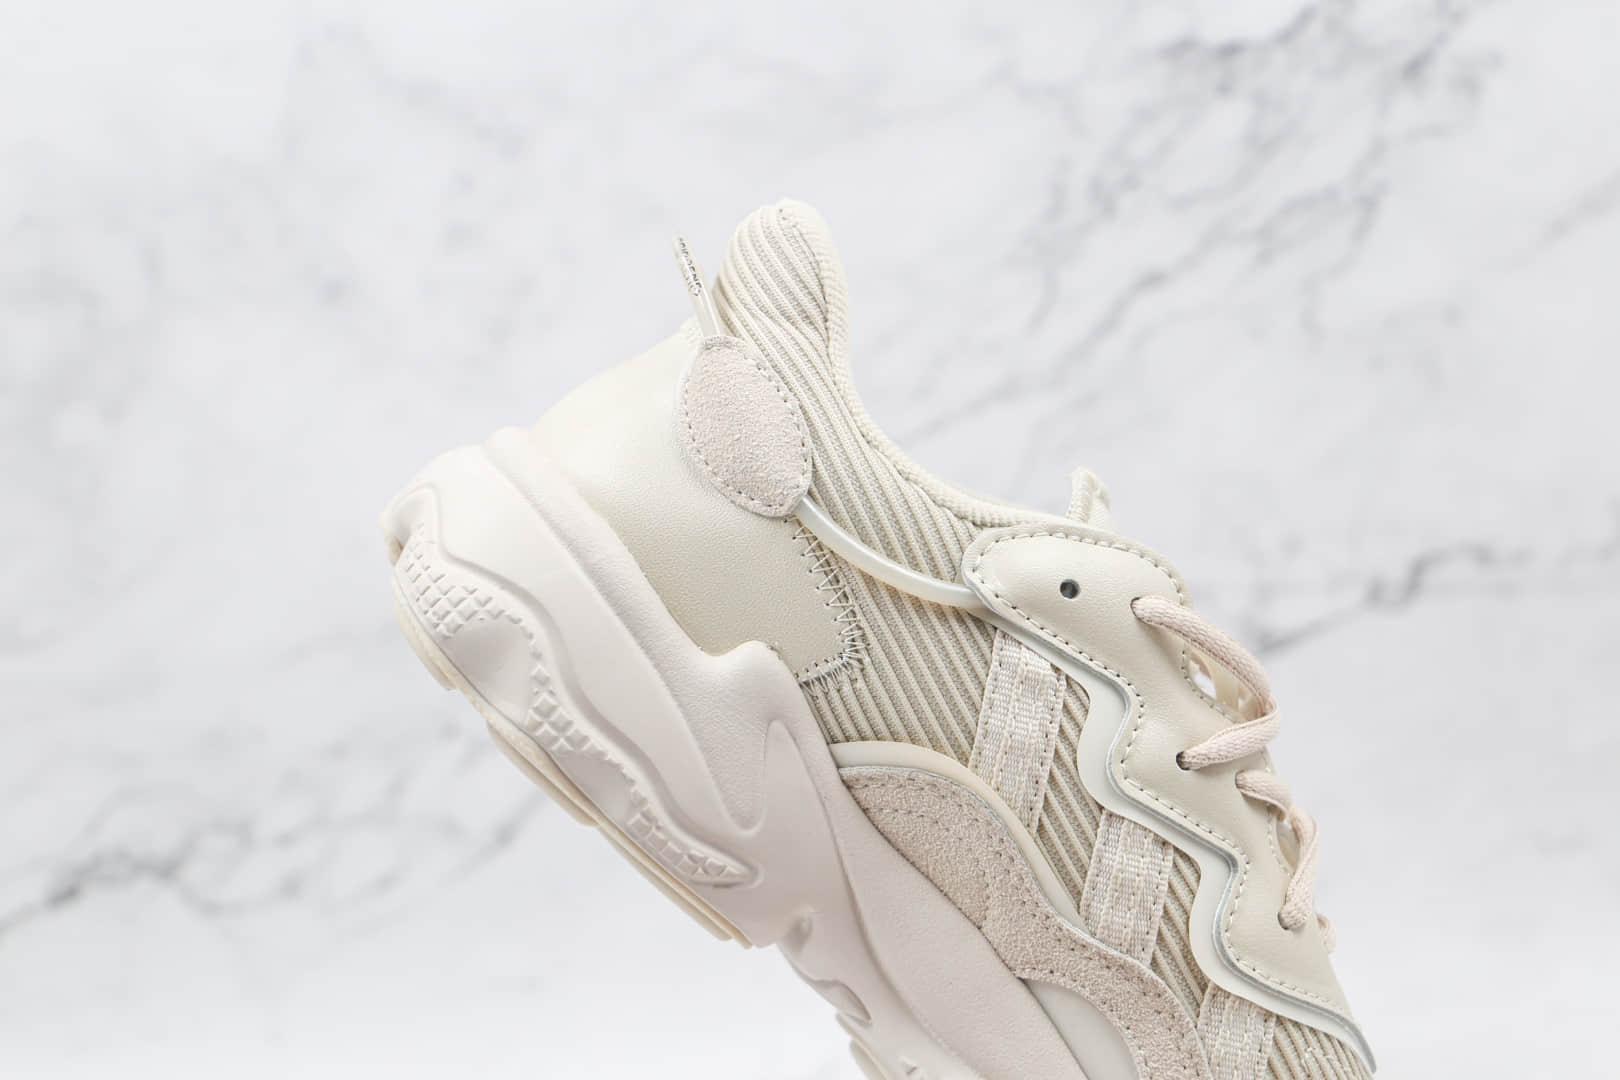 阿迪达斯Adidas Originals Ozweego纯原版本珍珠灰3M反光水管老爹鞋原盒原标 货号:FX6029